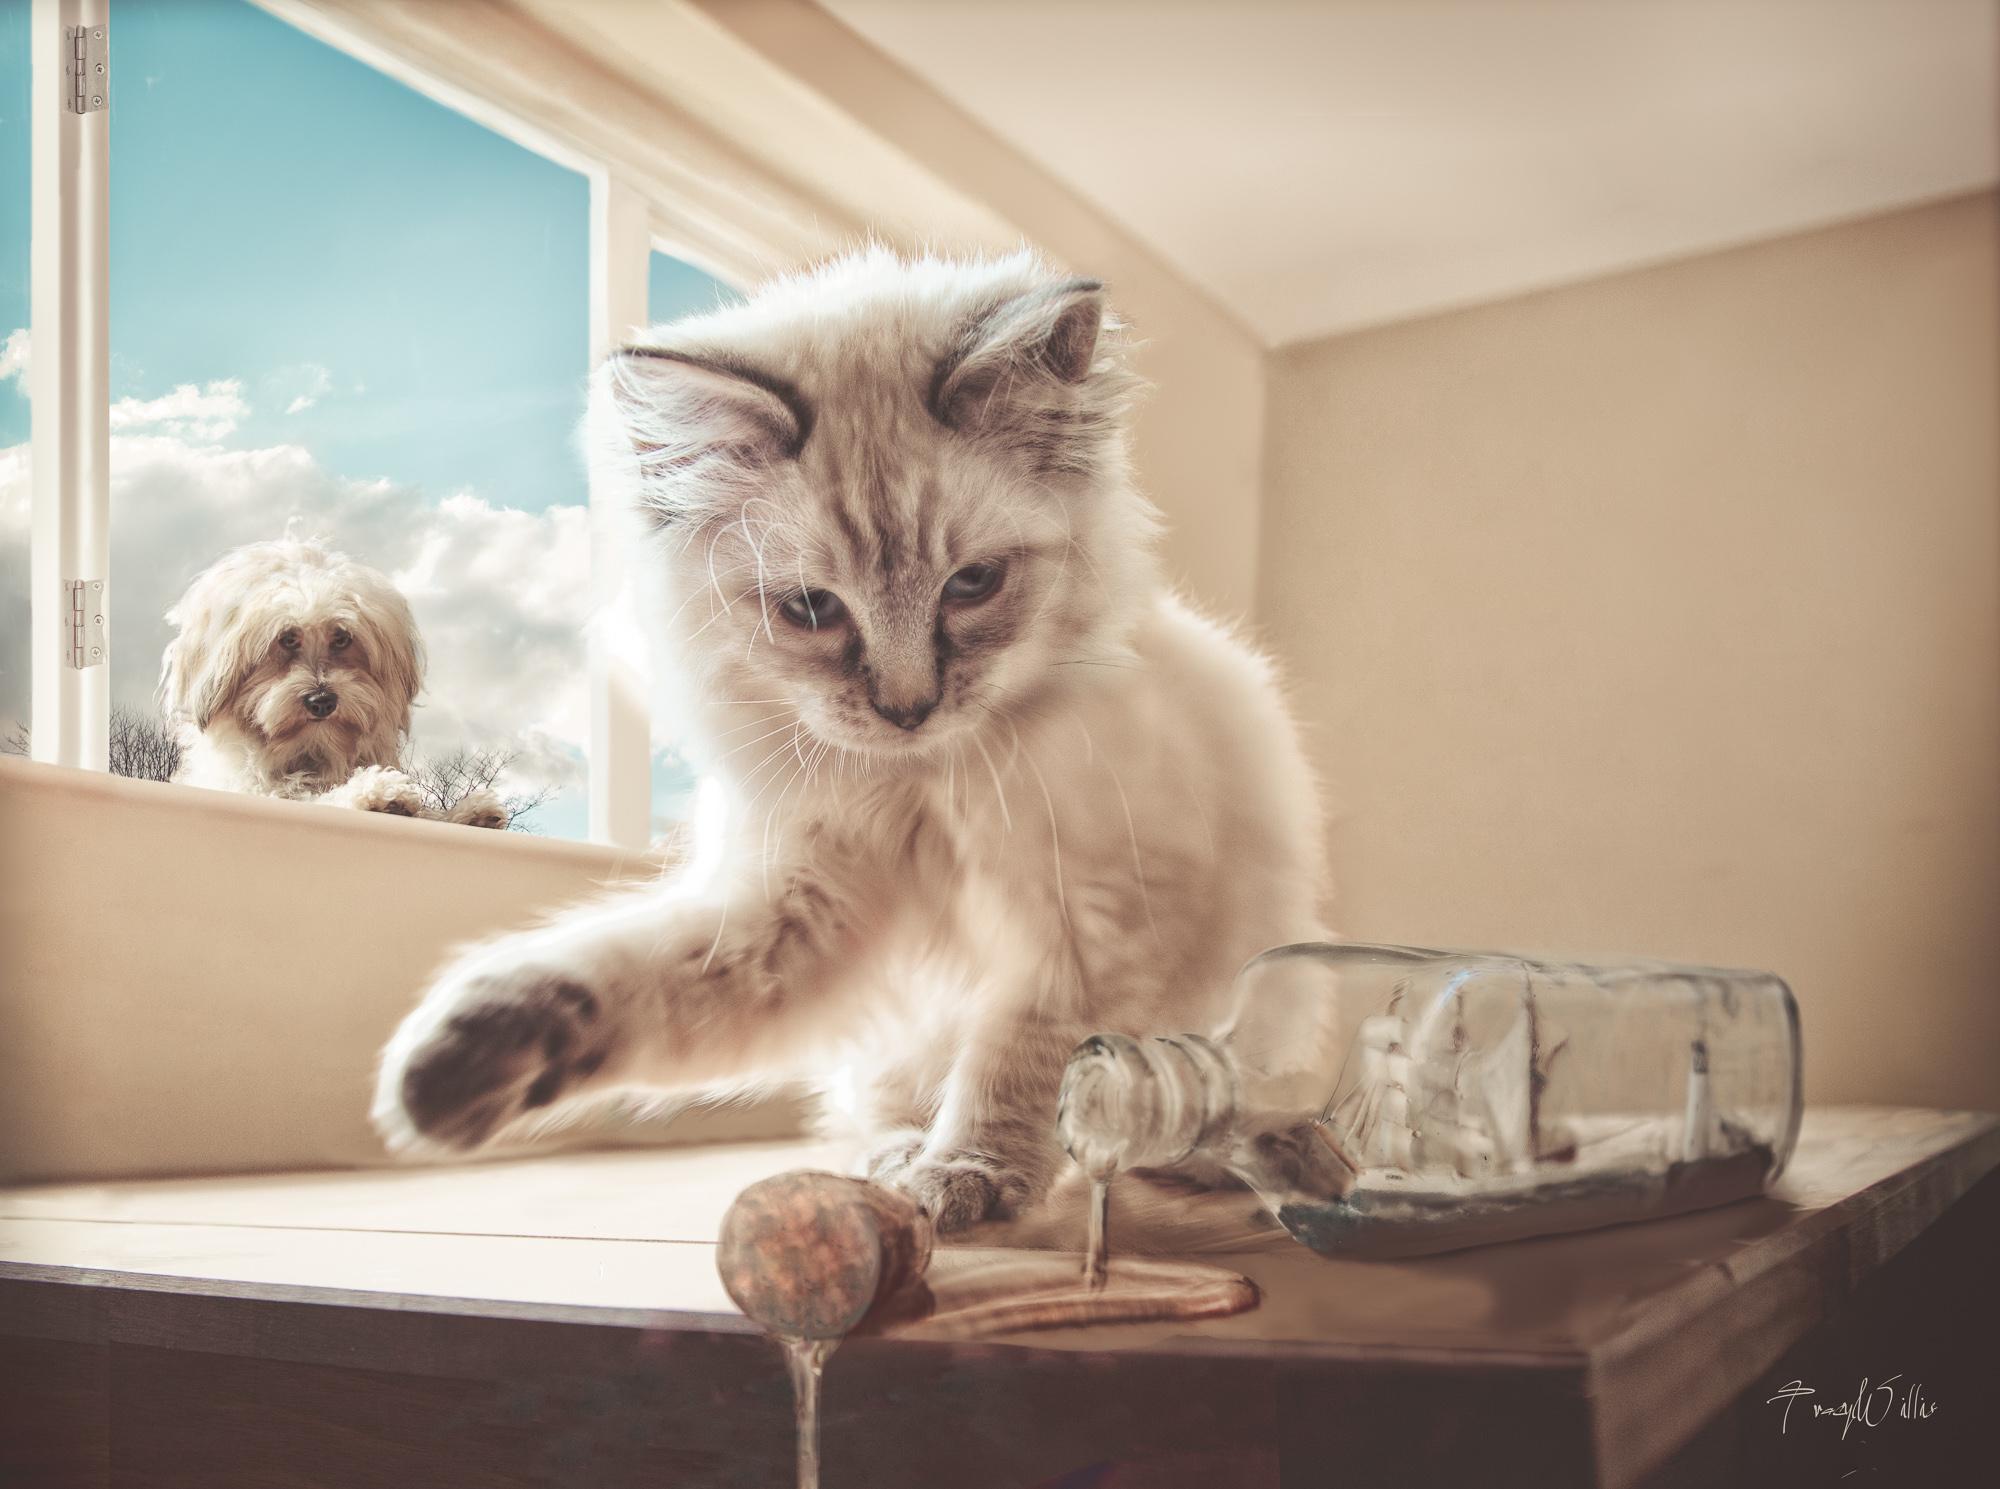 Kittens-Edit-Edit-Edit-Edit-Edit-Edit-2-Edit-Edit-3.jpg